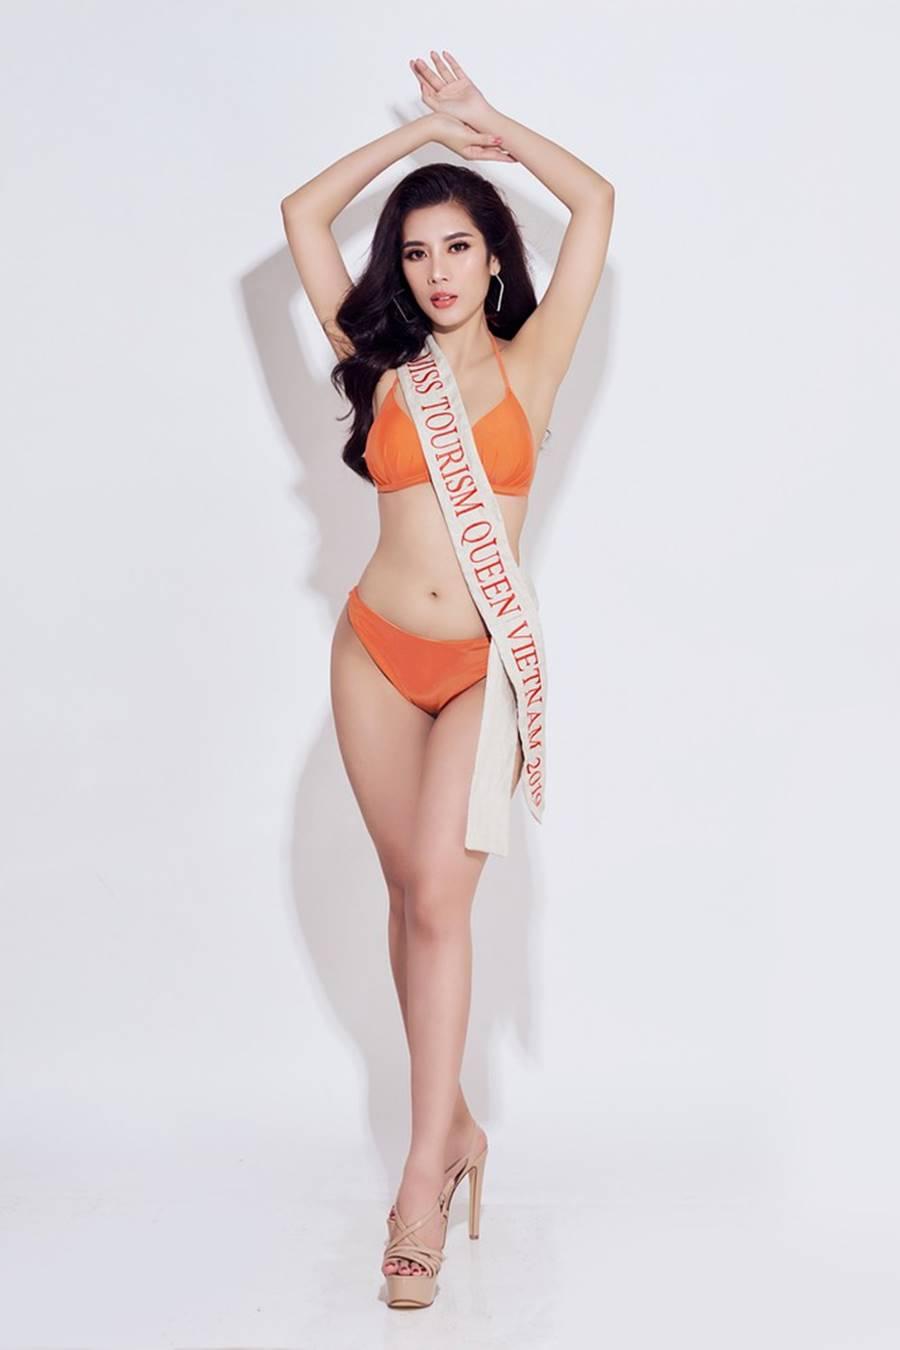 Đại diện Việt Nam tại Hoa hậu Du lịch thế giới 2019 nóng bỏng mắt với bikini-6